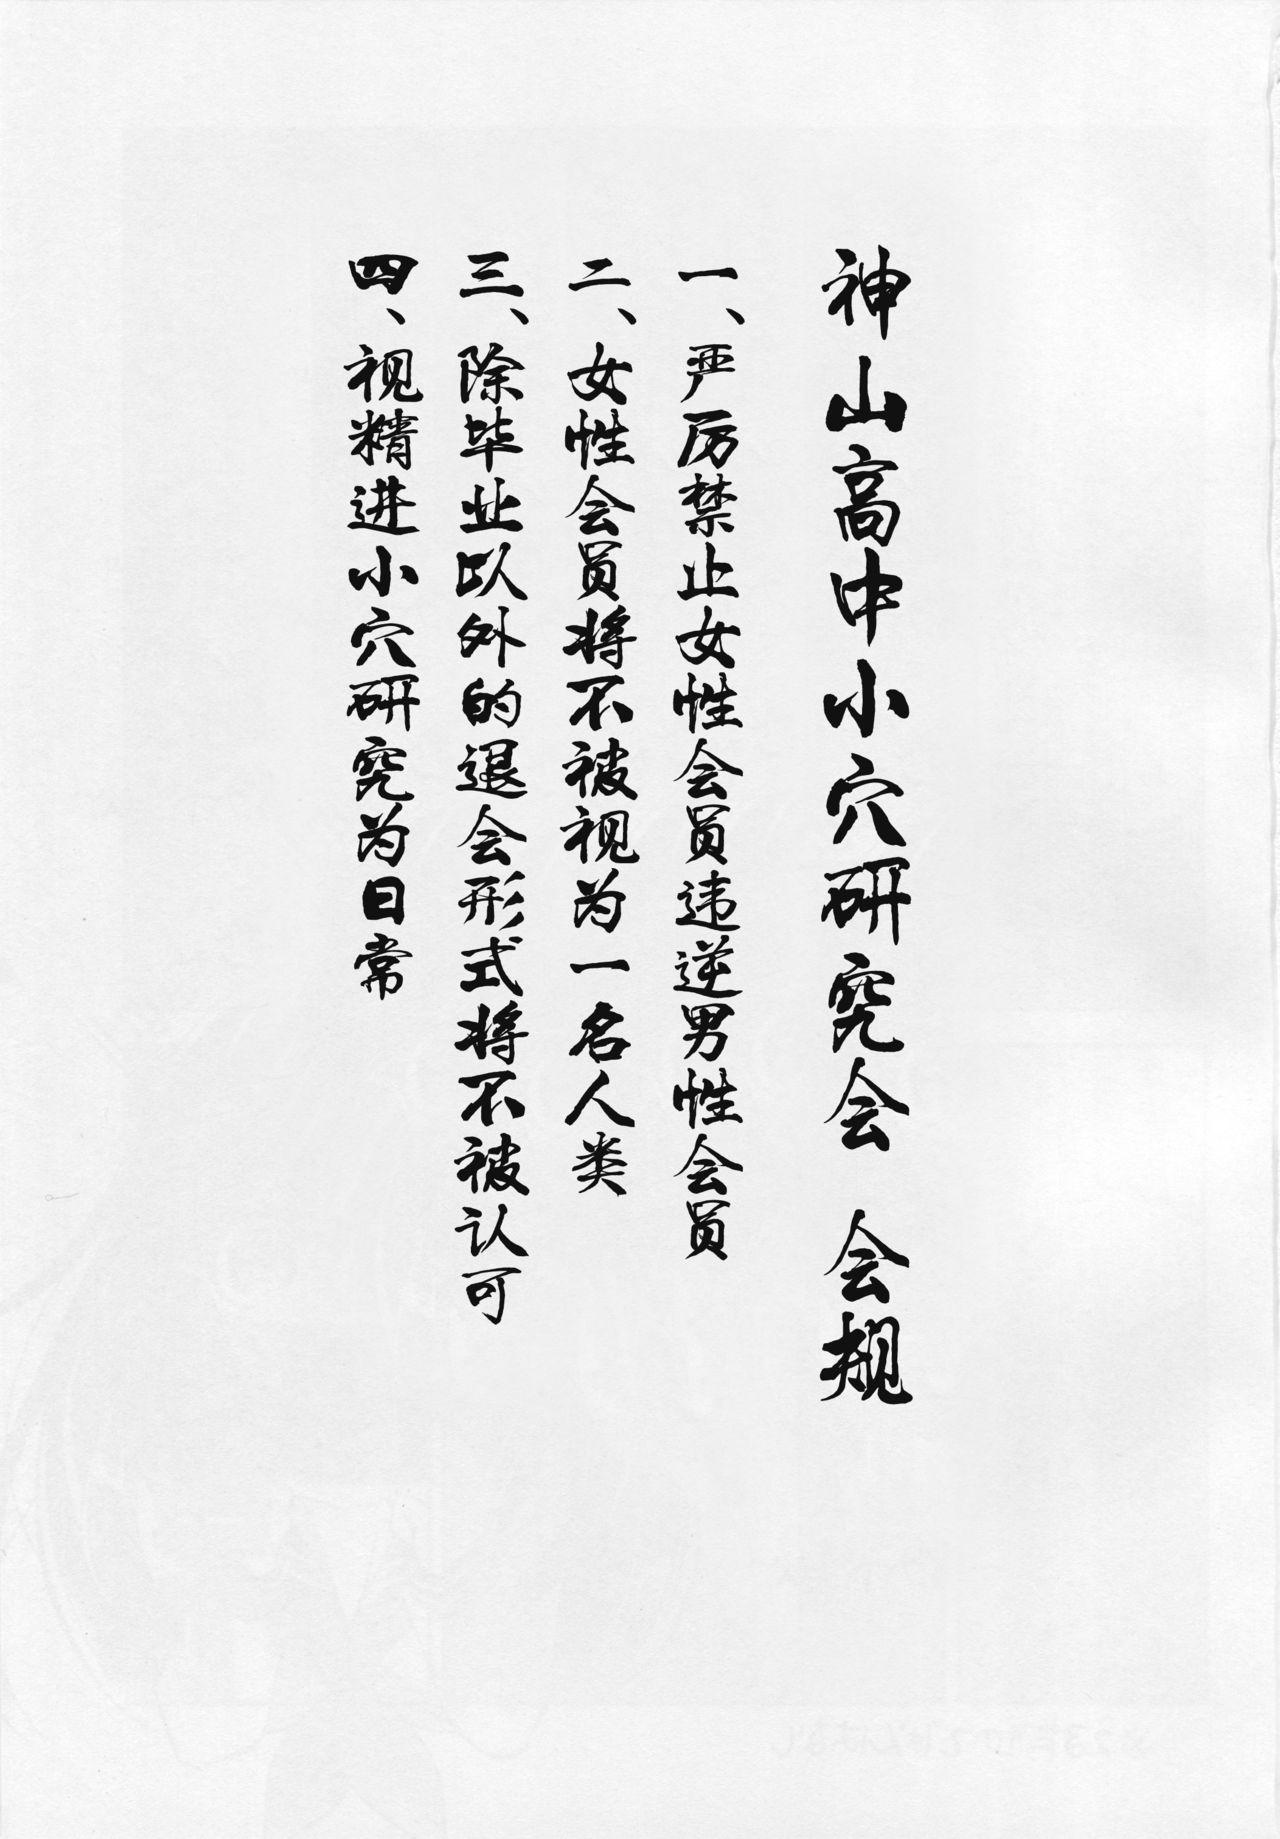 Kamiyama Koukou Omanko Kenkyuukai Katsudou Kiroku 1